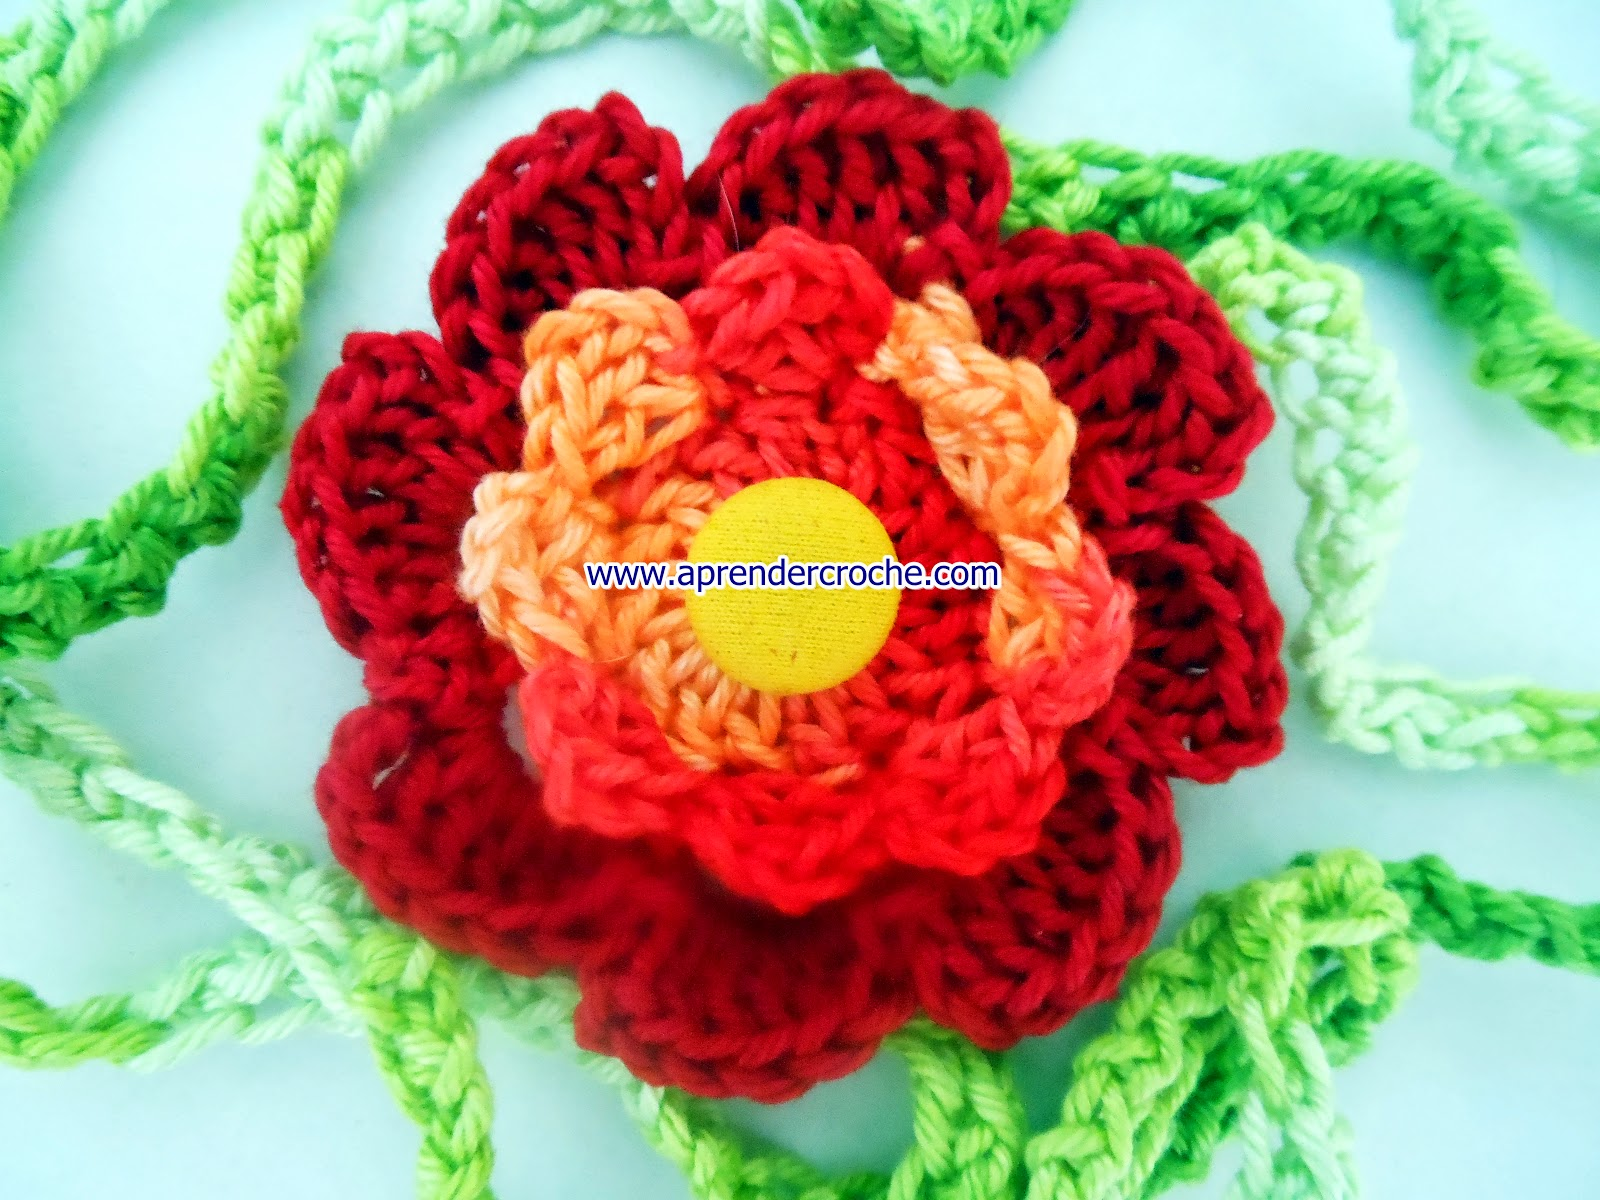 cem flores em croche coleção youtube dvd aprender croche com edinir-croche loja facebook